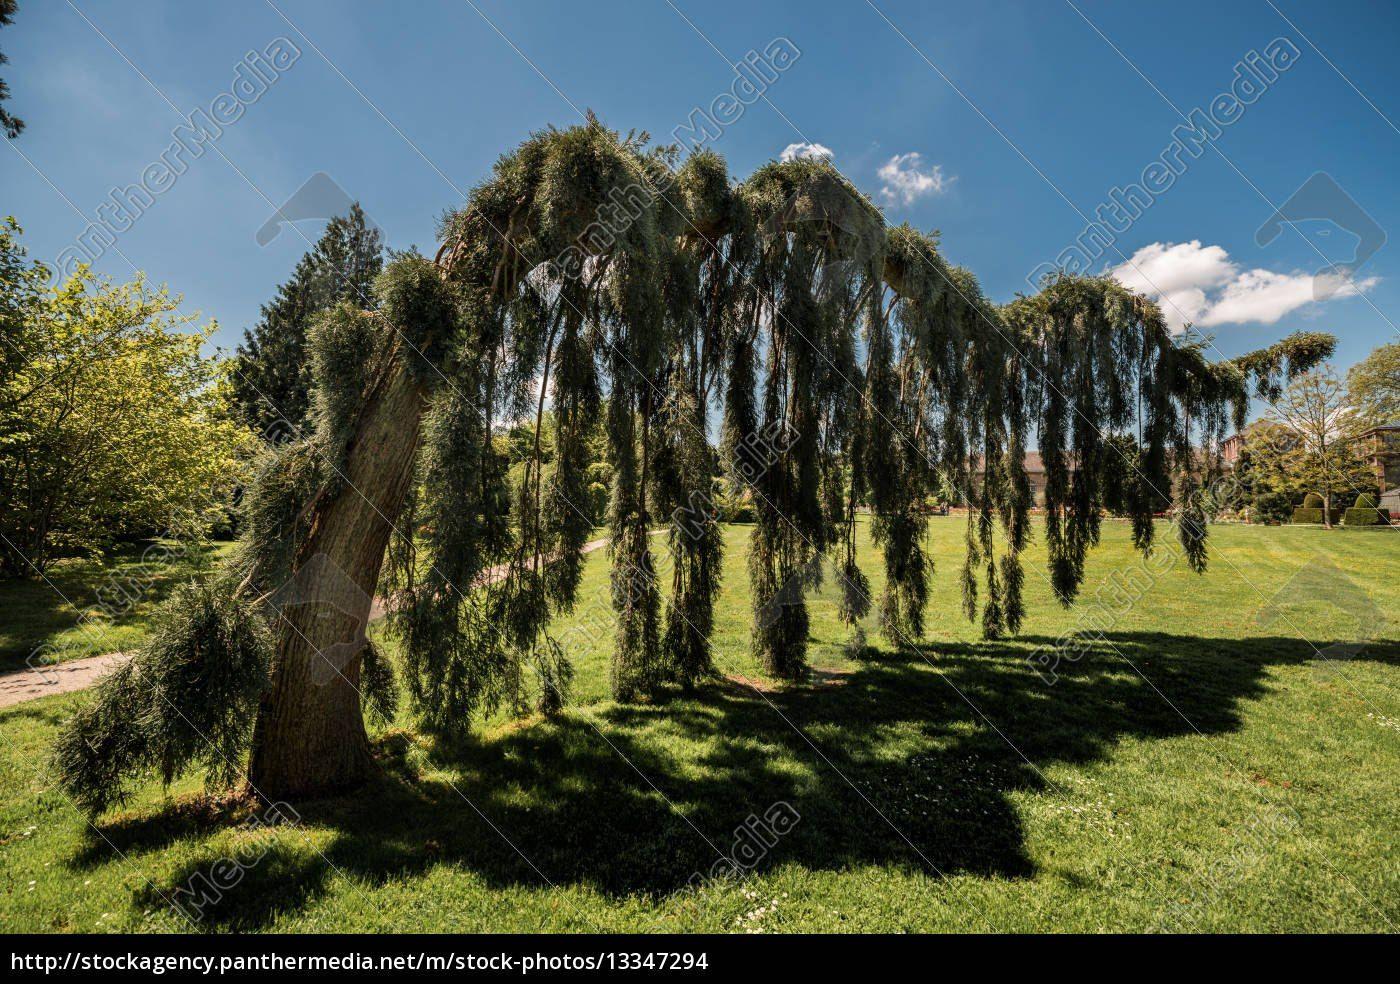 Baum Fur Garten Zuhause Image Ideas Mit Exotische Baume Fur Den Garten Alles Im Detail Von Exotische Baume Fur Den Garten Alles Im D Baume Garten Garten Baum